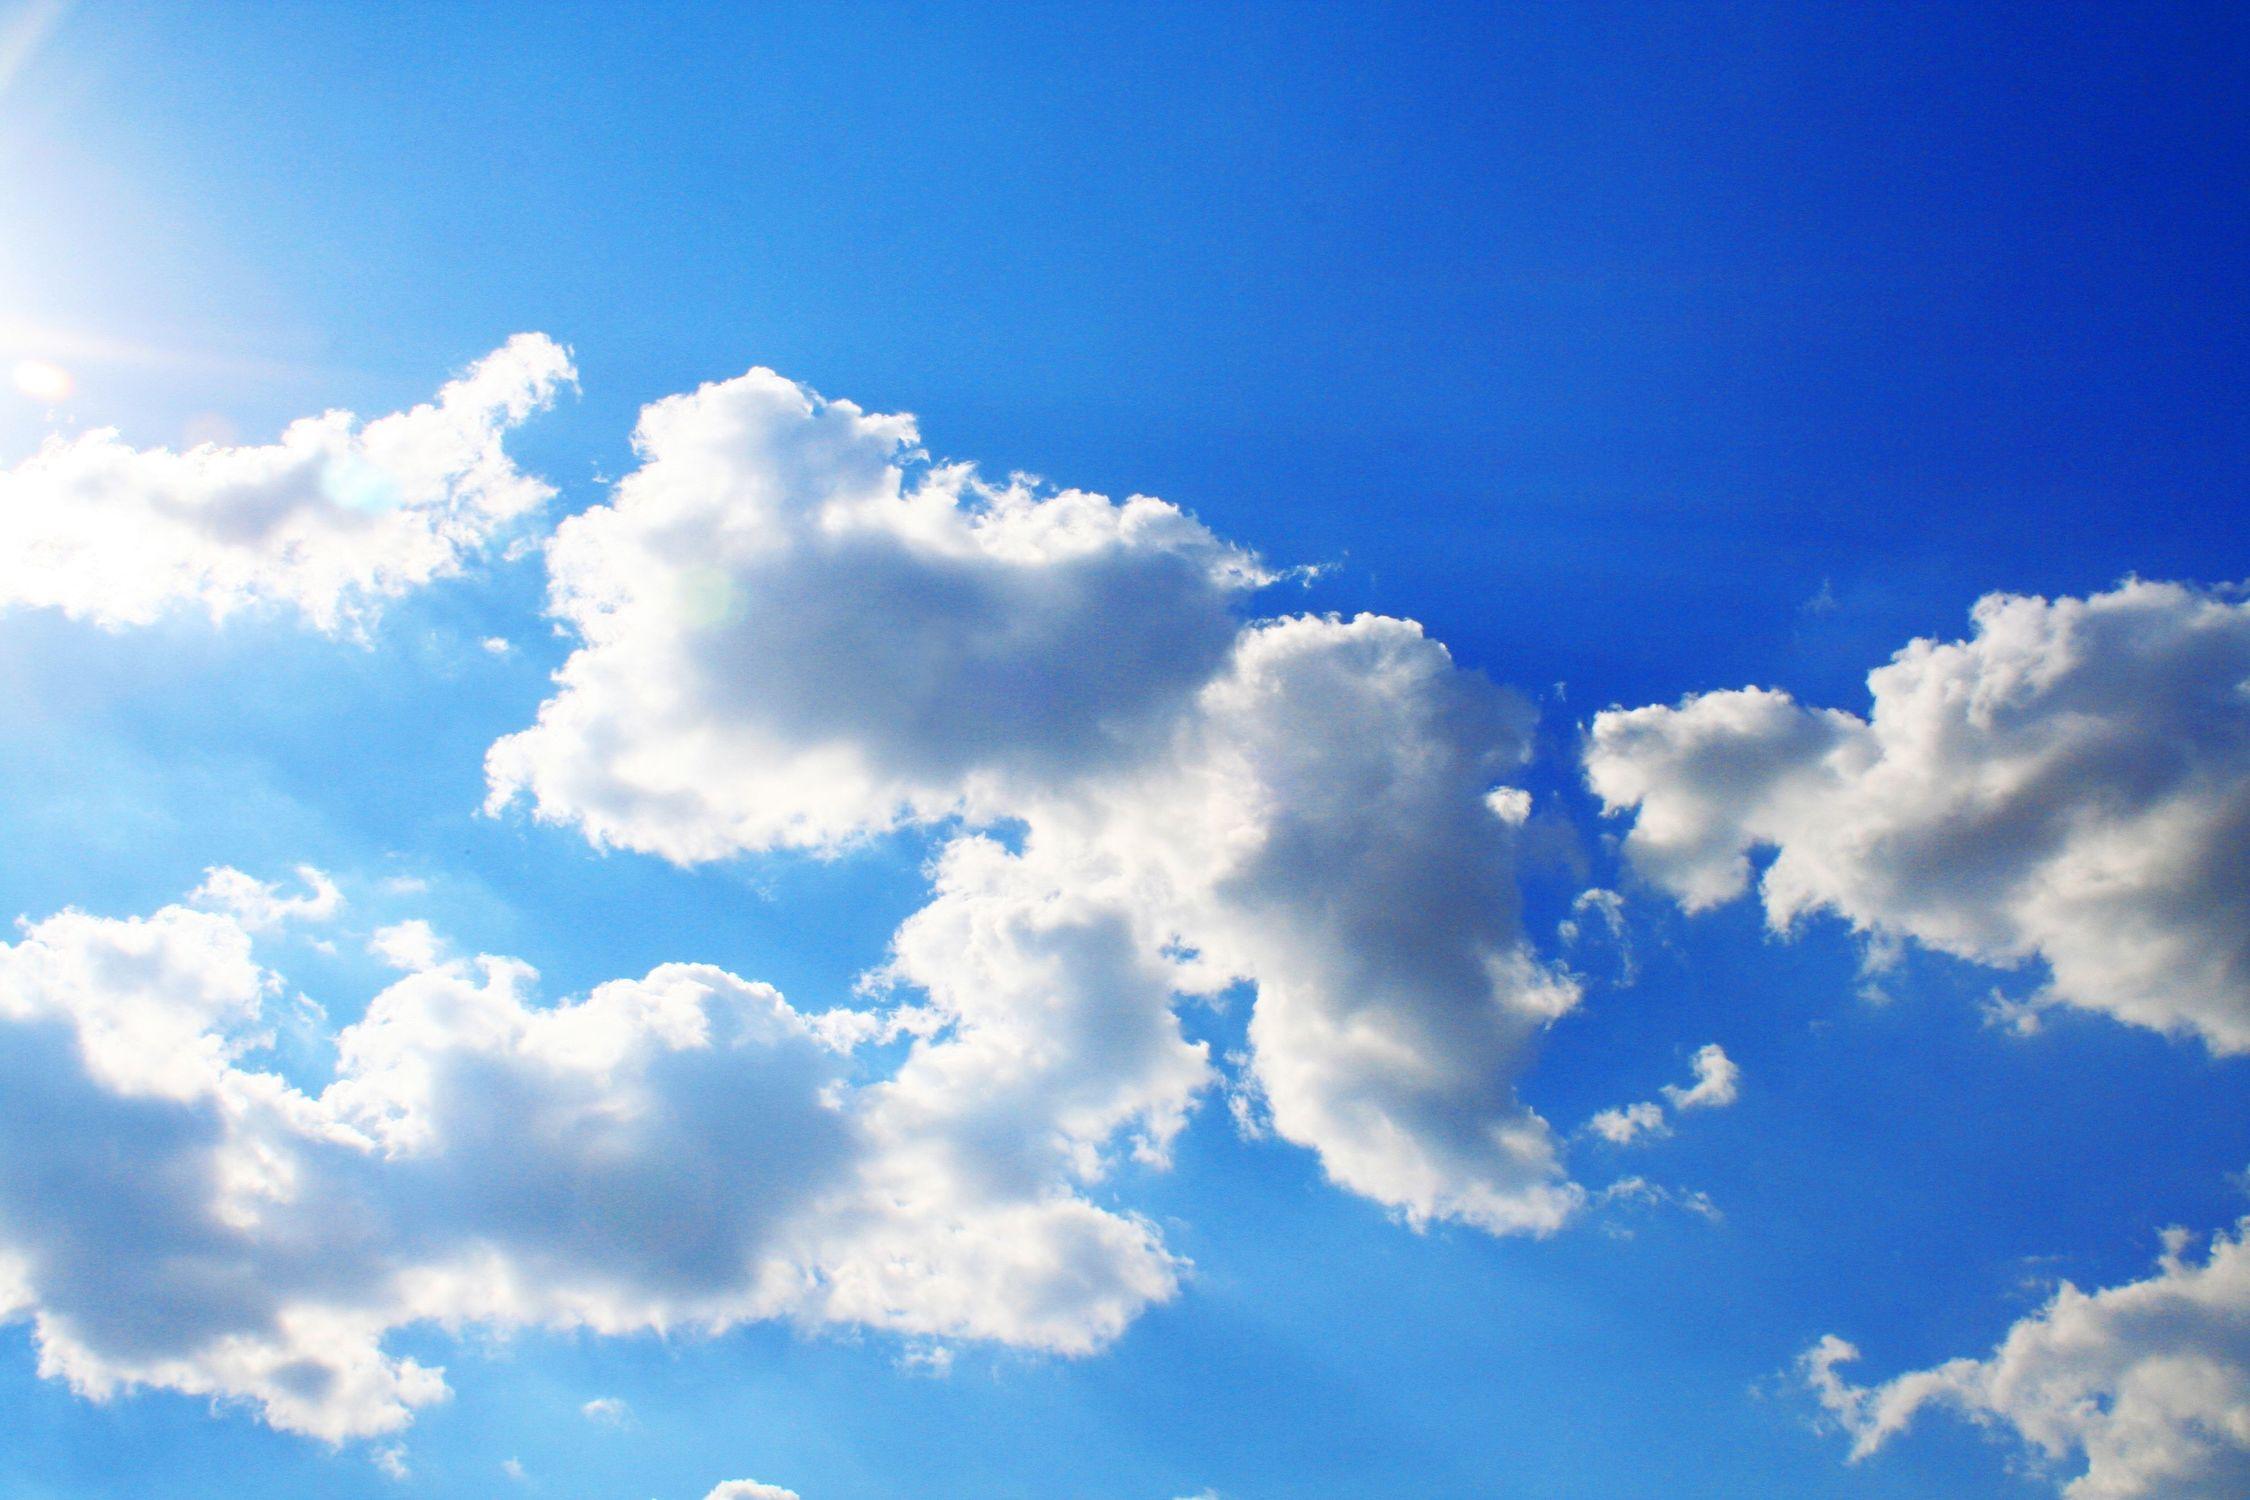 Bild mit Farben, Natur, Himmel, Jahreszeiten, Wolken, Tageslicht, Blau, Azurblau, Sommer, Sonne